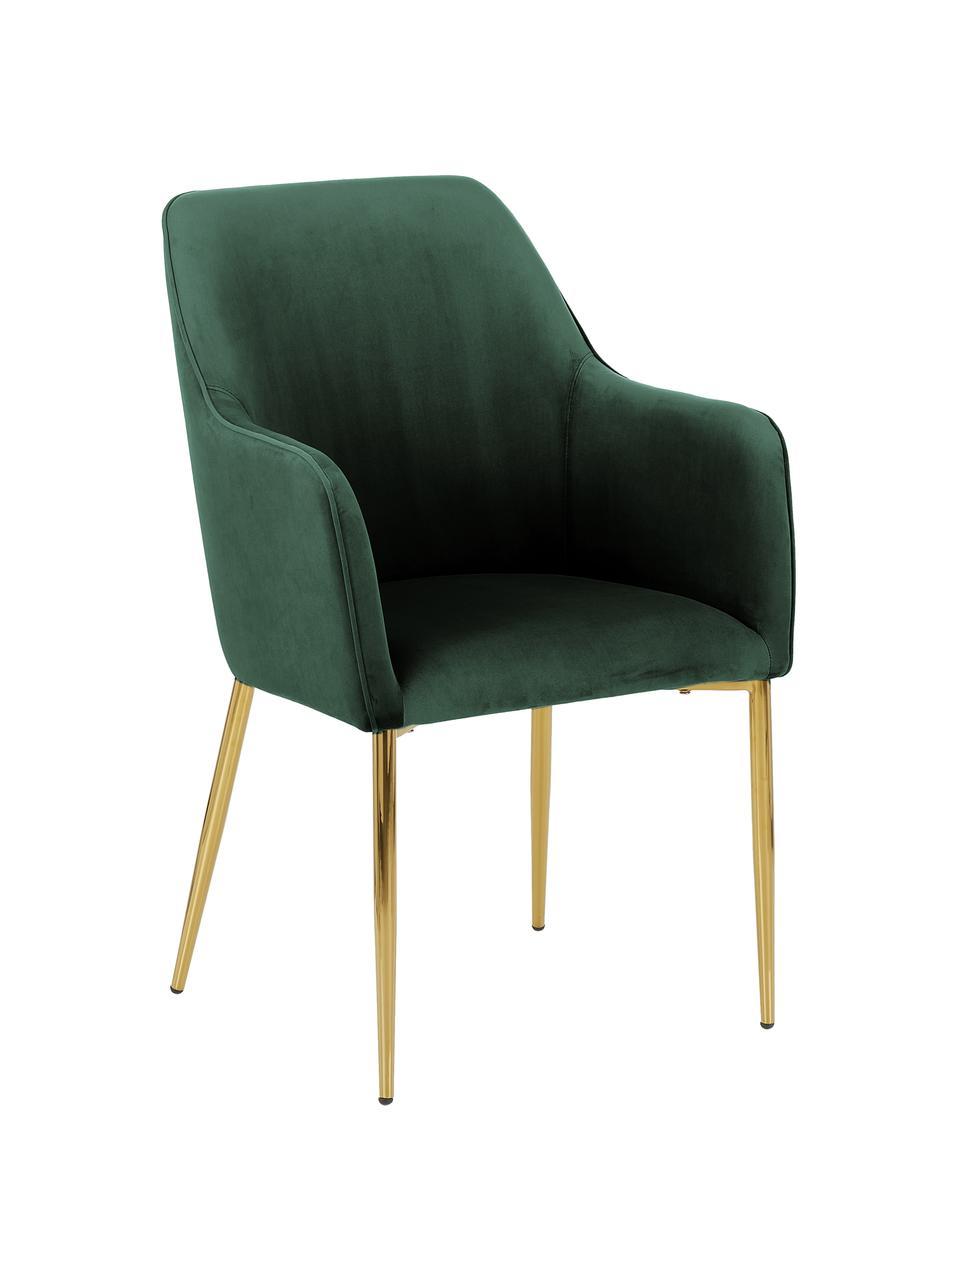 Sedia in velluto verde scuro  Ava, Rivestimento: velluto (100% poliestere), Gambe: metallo zincato, Velluto verde scuro, Larg. 57 x Prof. 63 cm